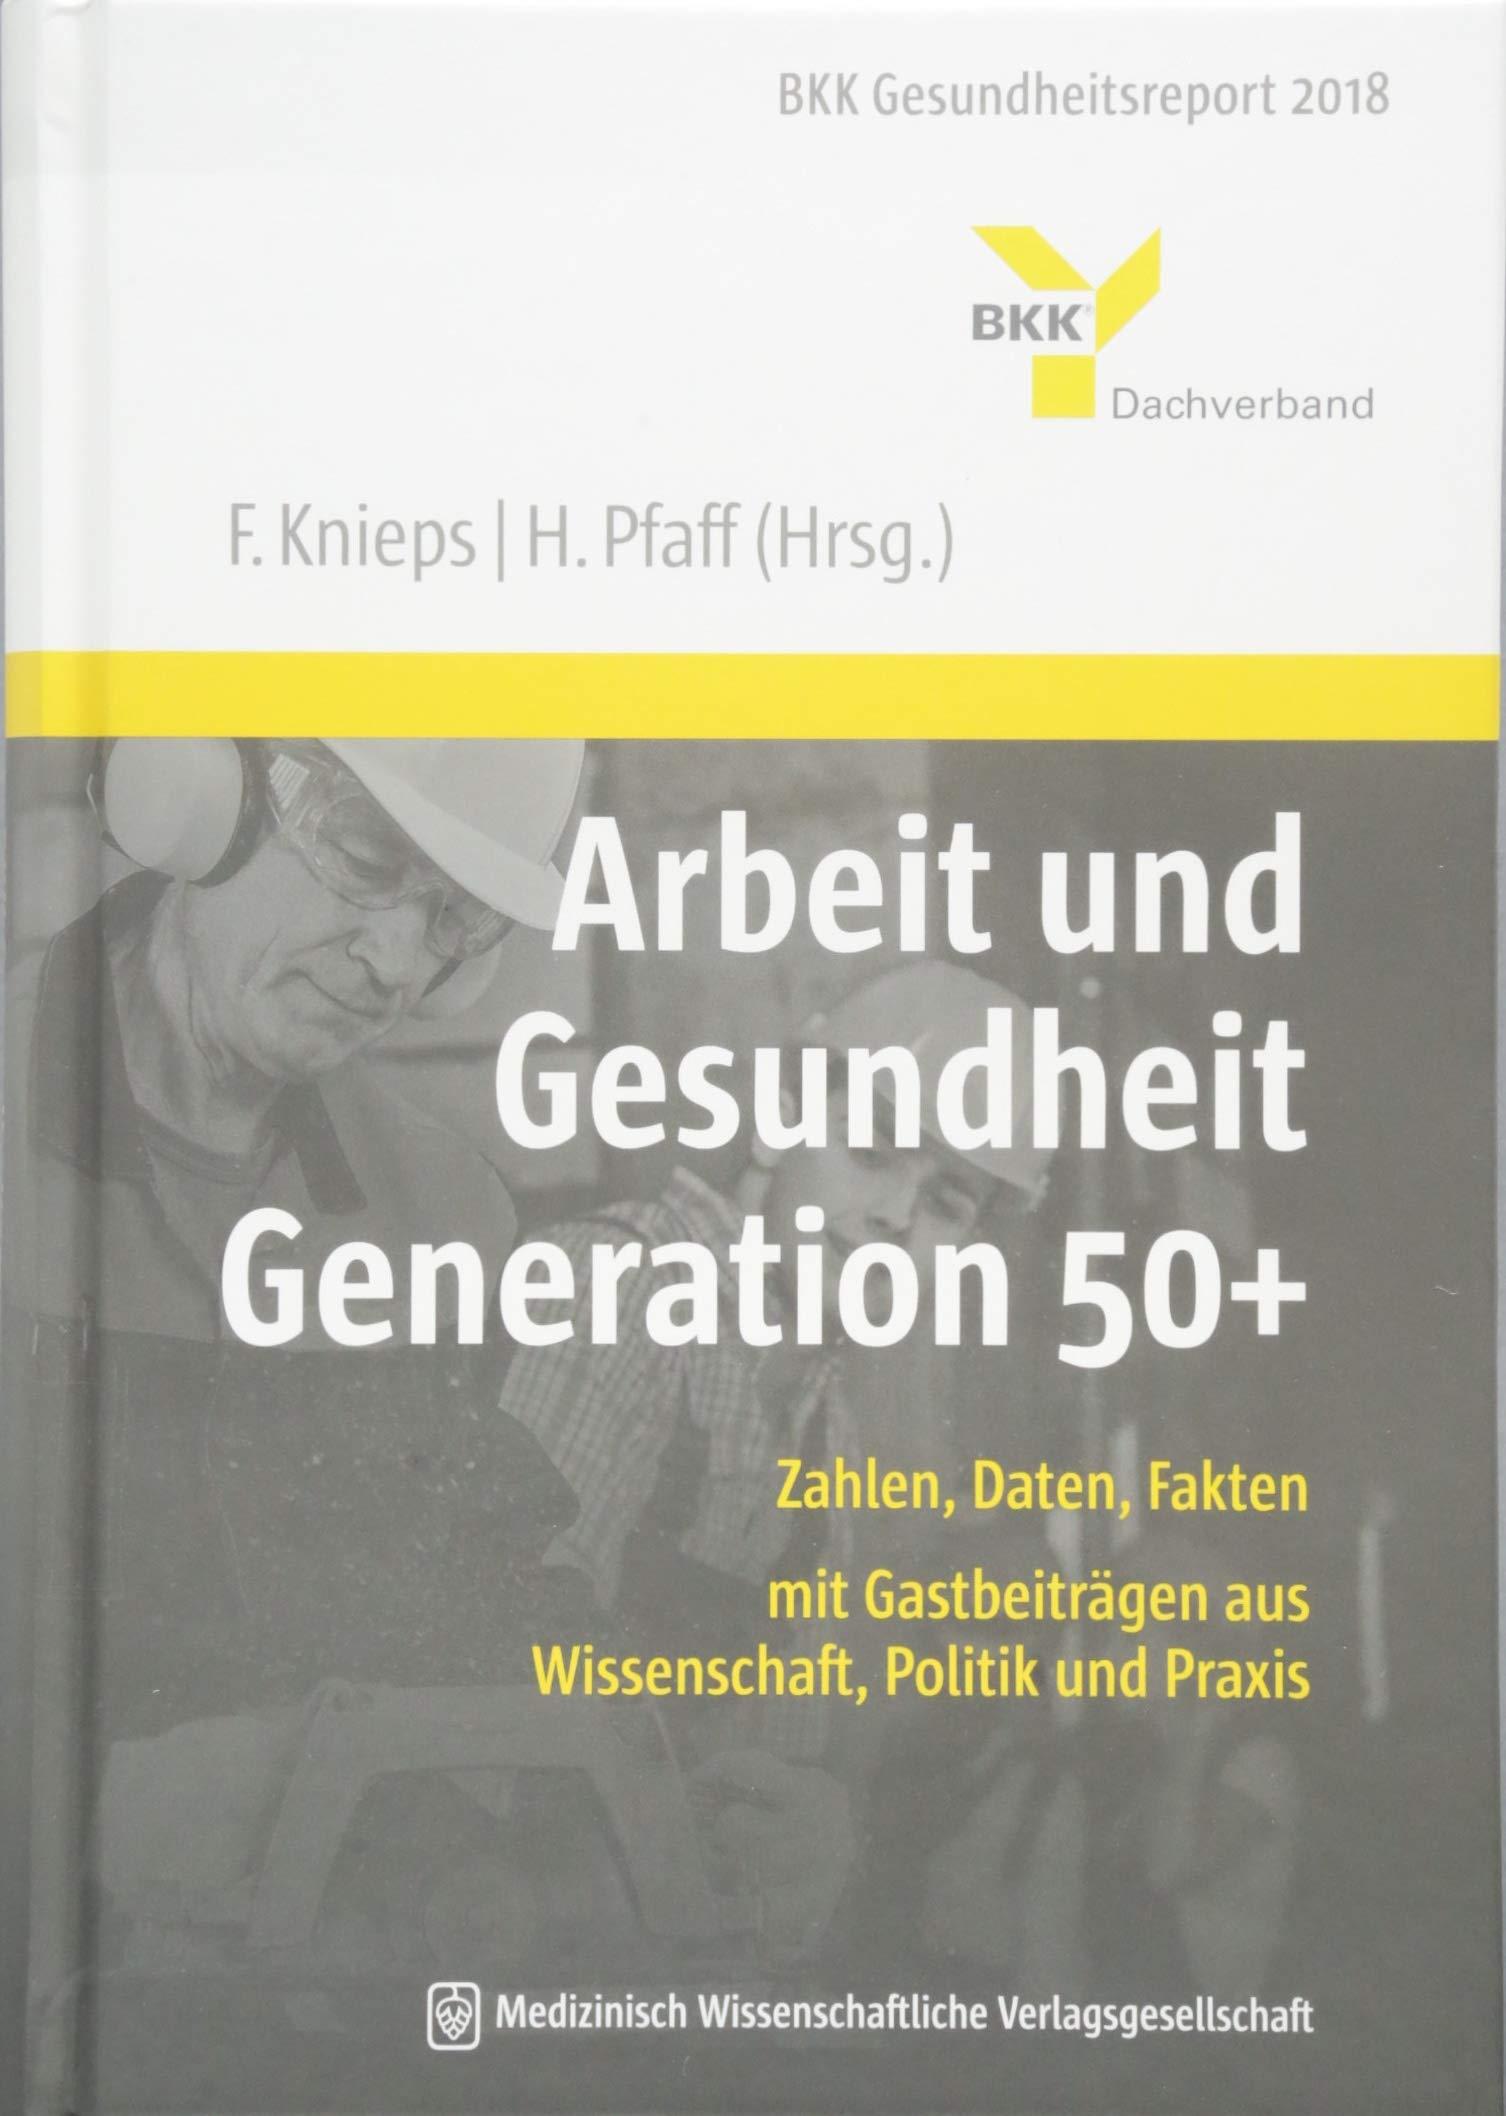 db216aed3c Arbeit und Gesundheit Generation 50+: Zahlen, Daten, Fakten – mit  Gastbeiträgen aus Wissenschaft, Politik und Praxis. BKK Gesundheitsreport  2018: Amazon.de: ...